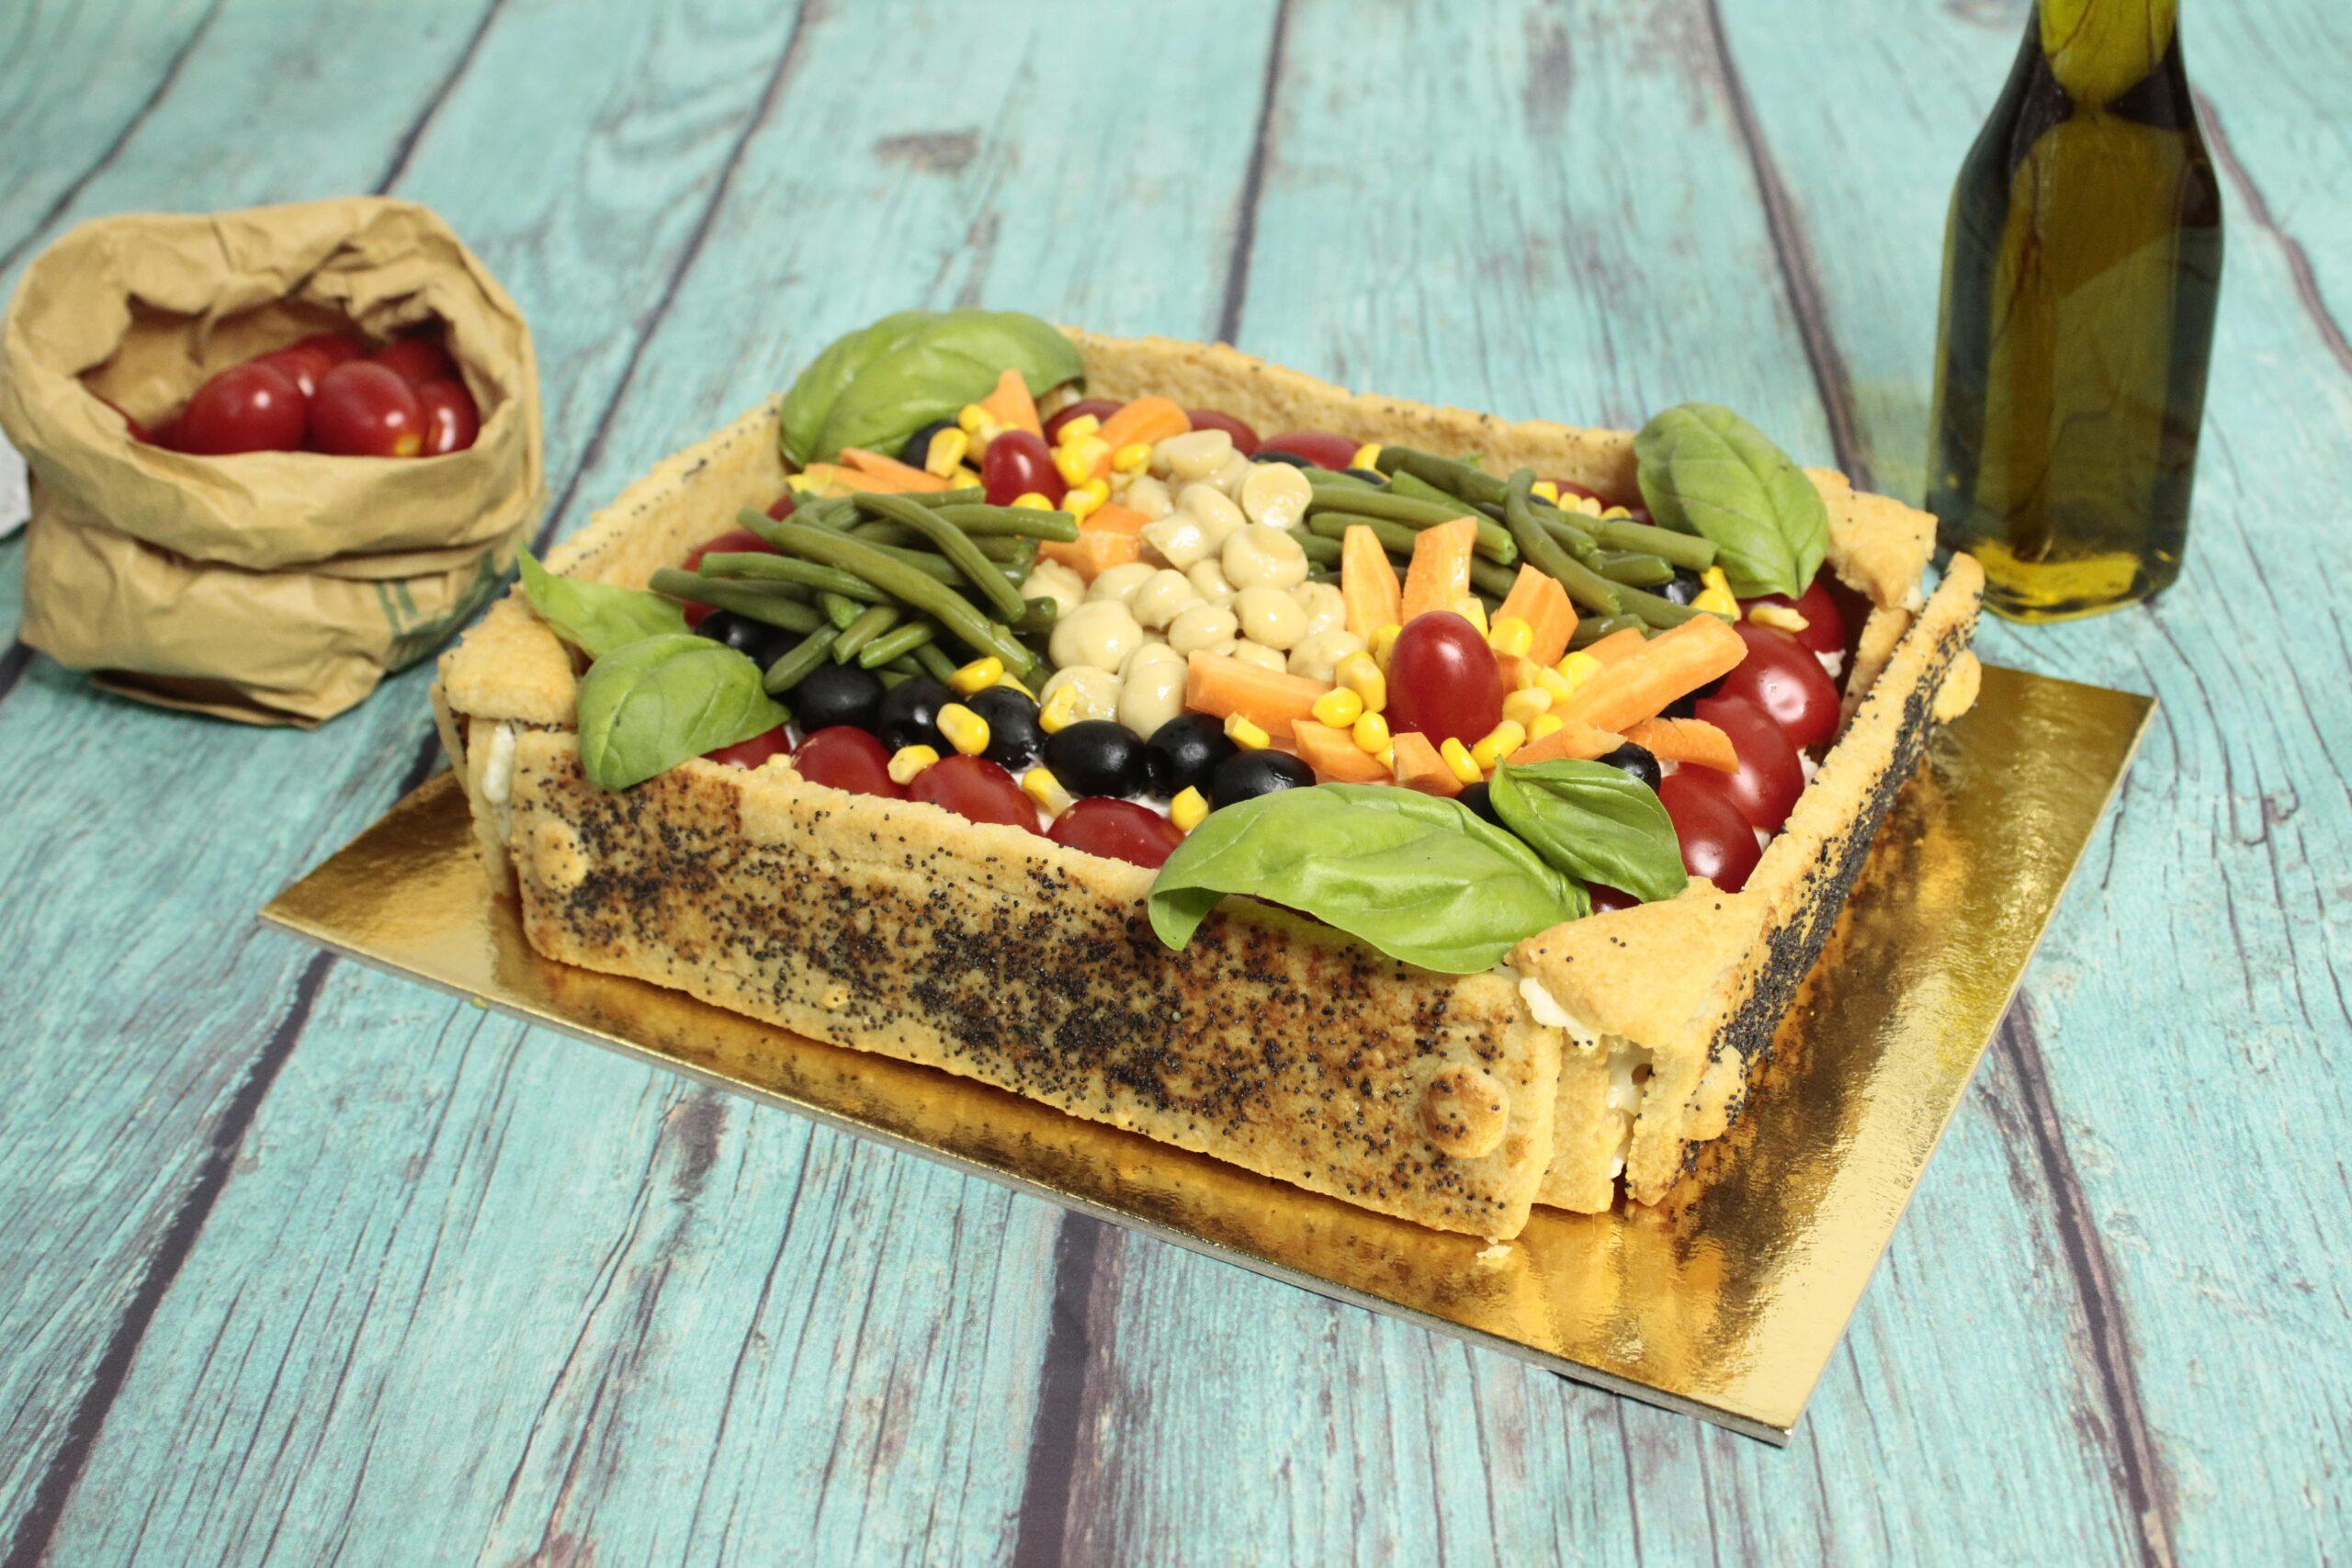 Cassetta di verdura